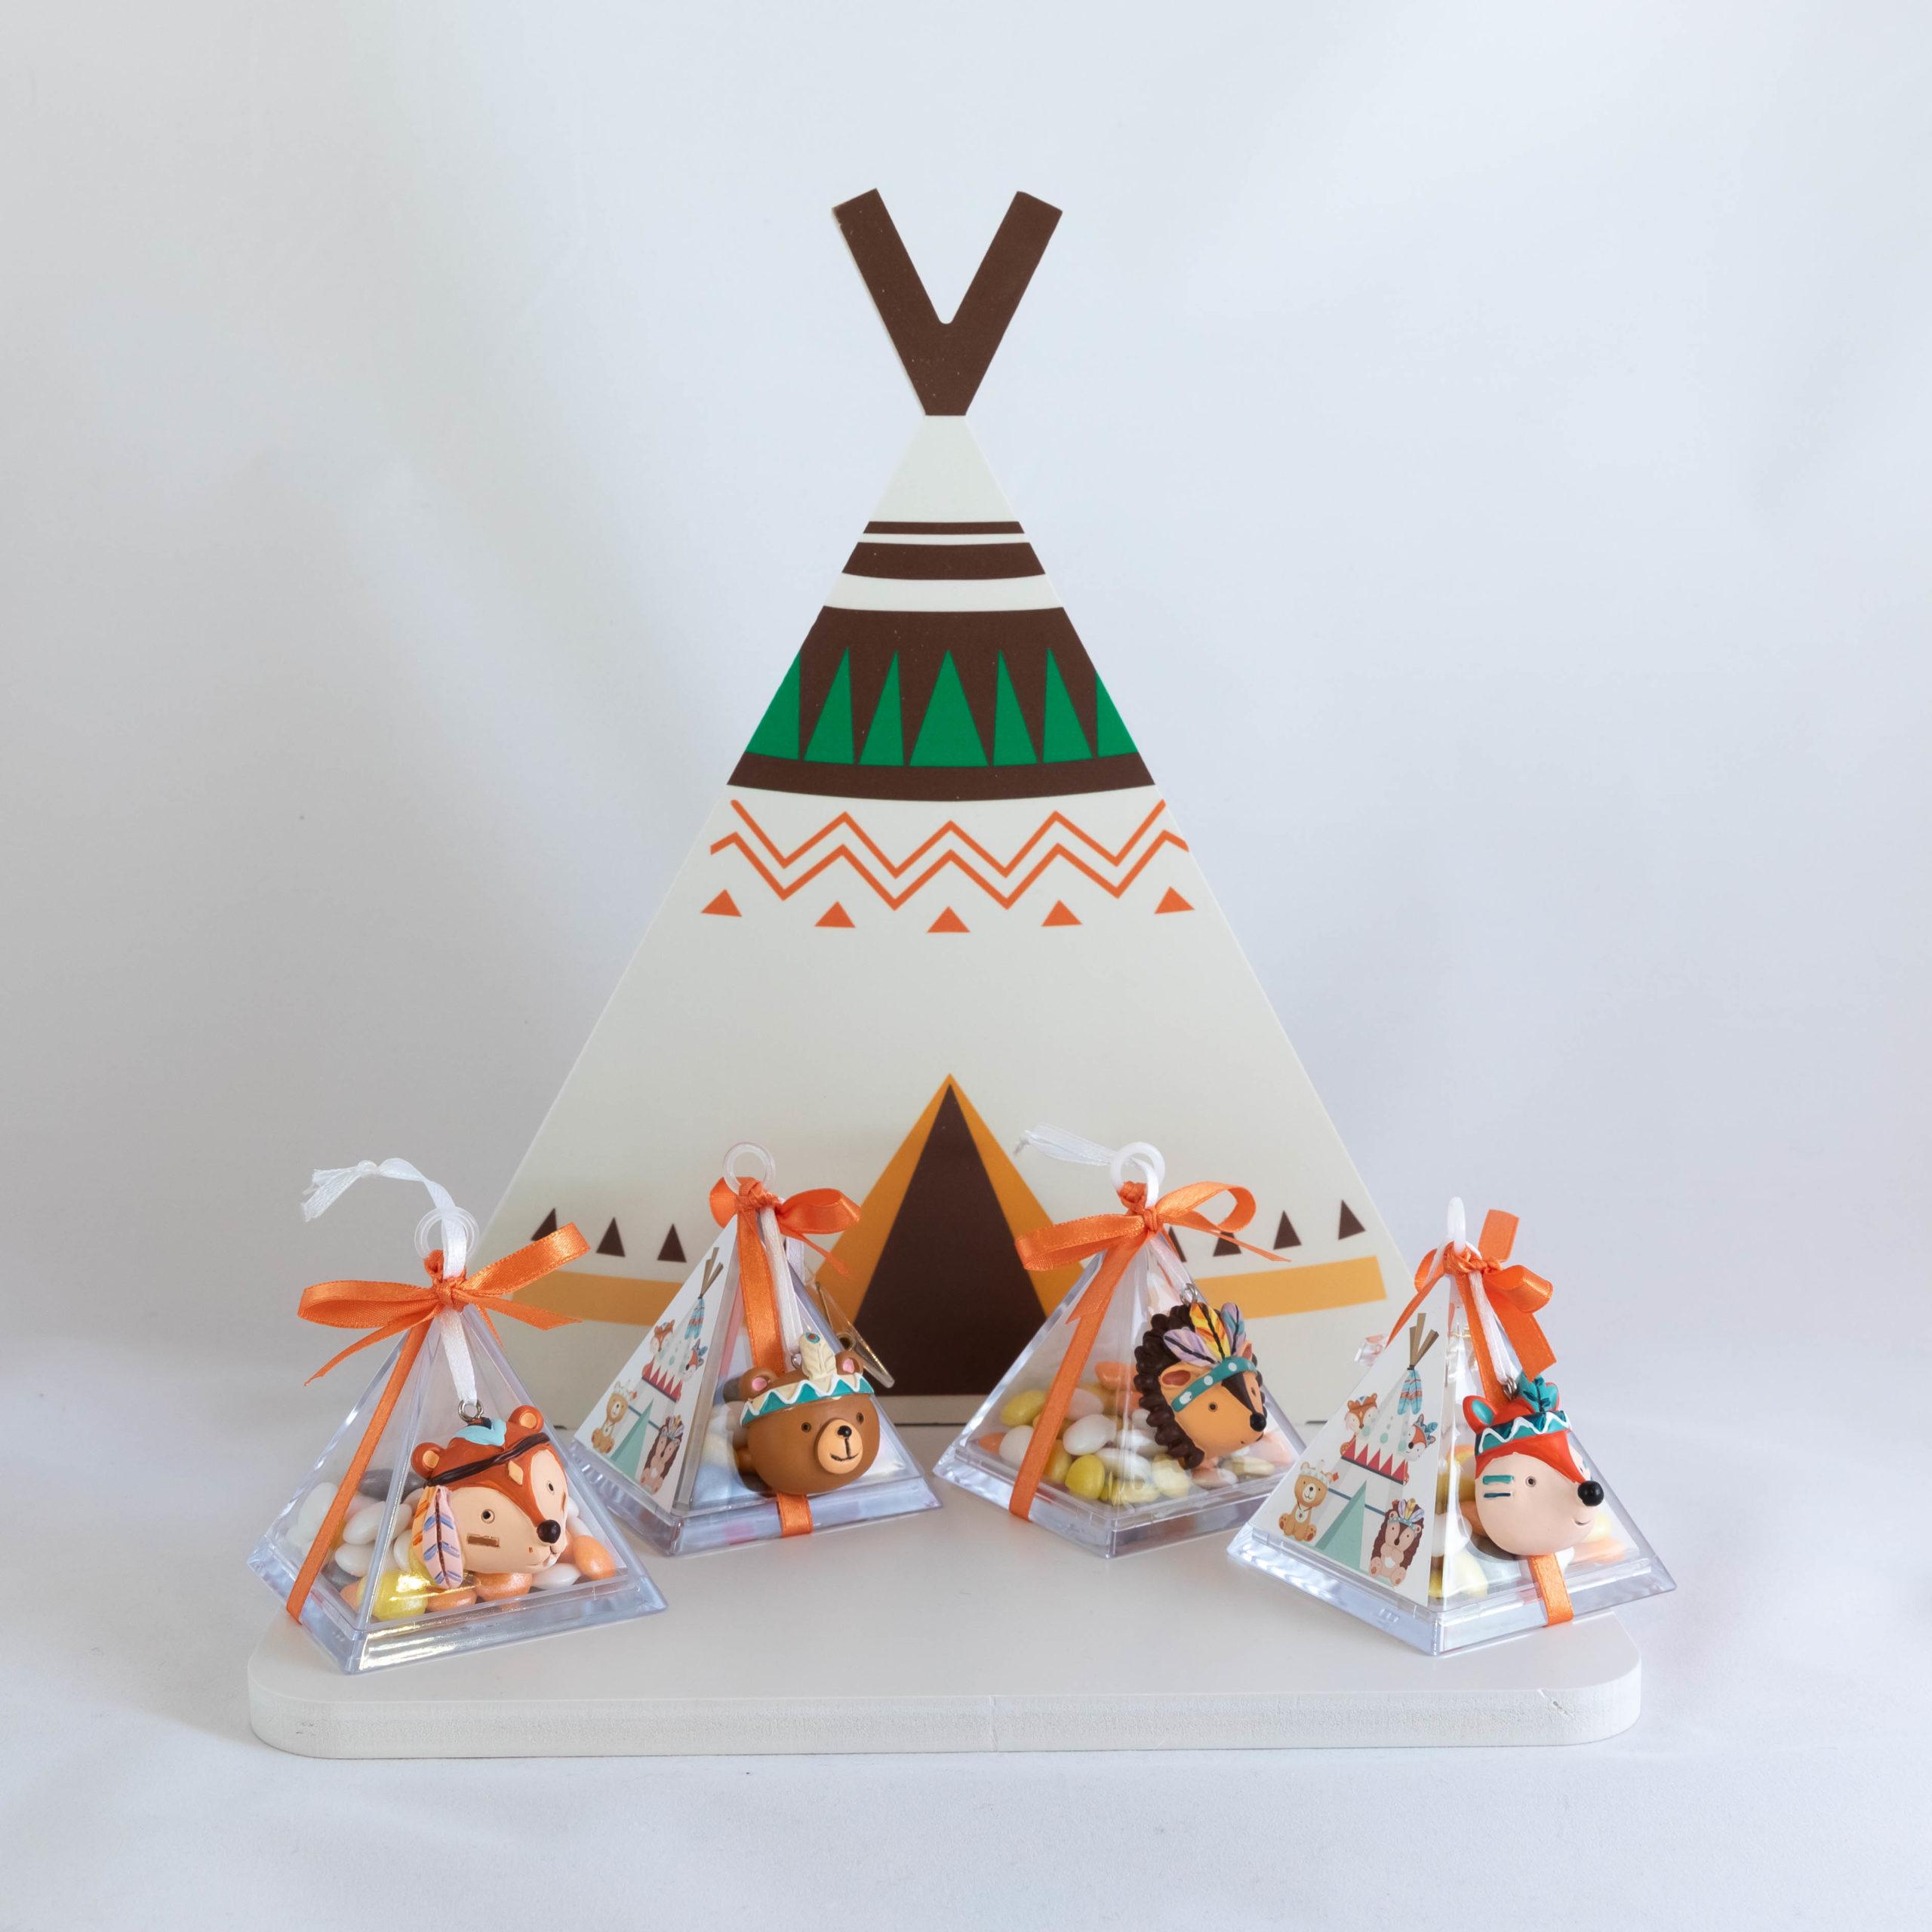 Boite pyramide - Copains des bois Image